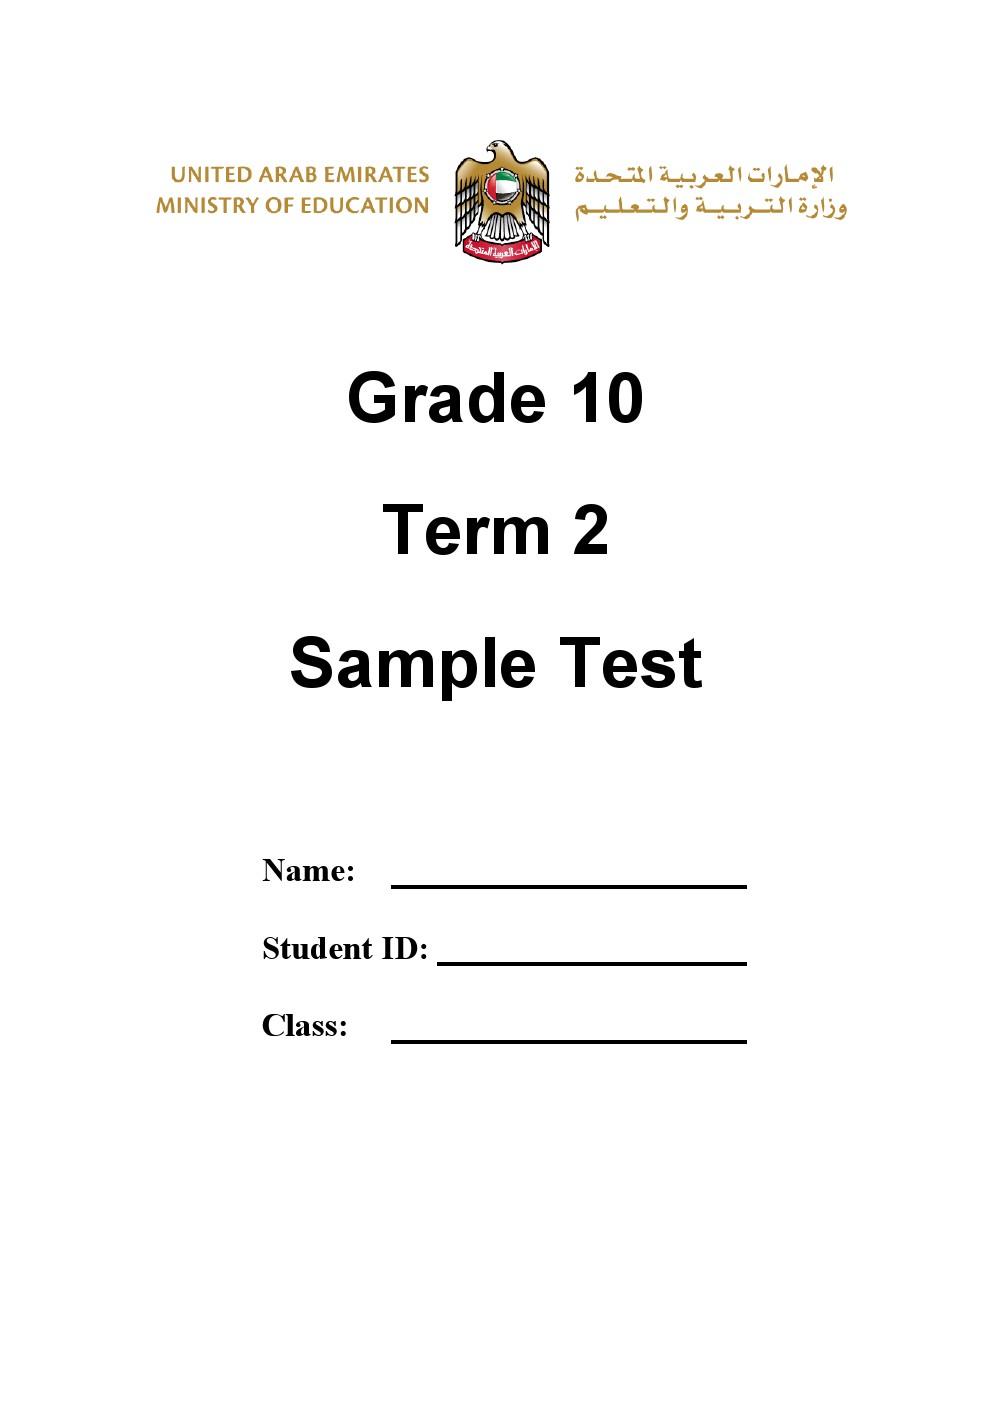 كتاب اللغه الانجليزيه للصف السادس الابتدائي الفصل الثاني